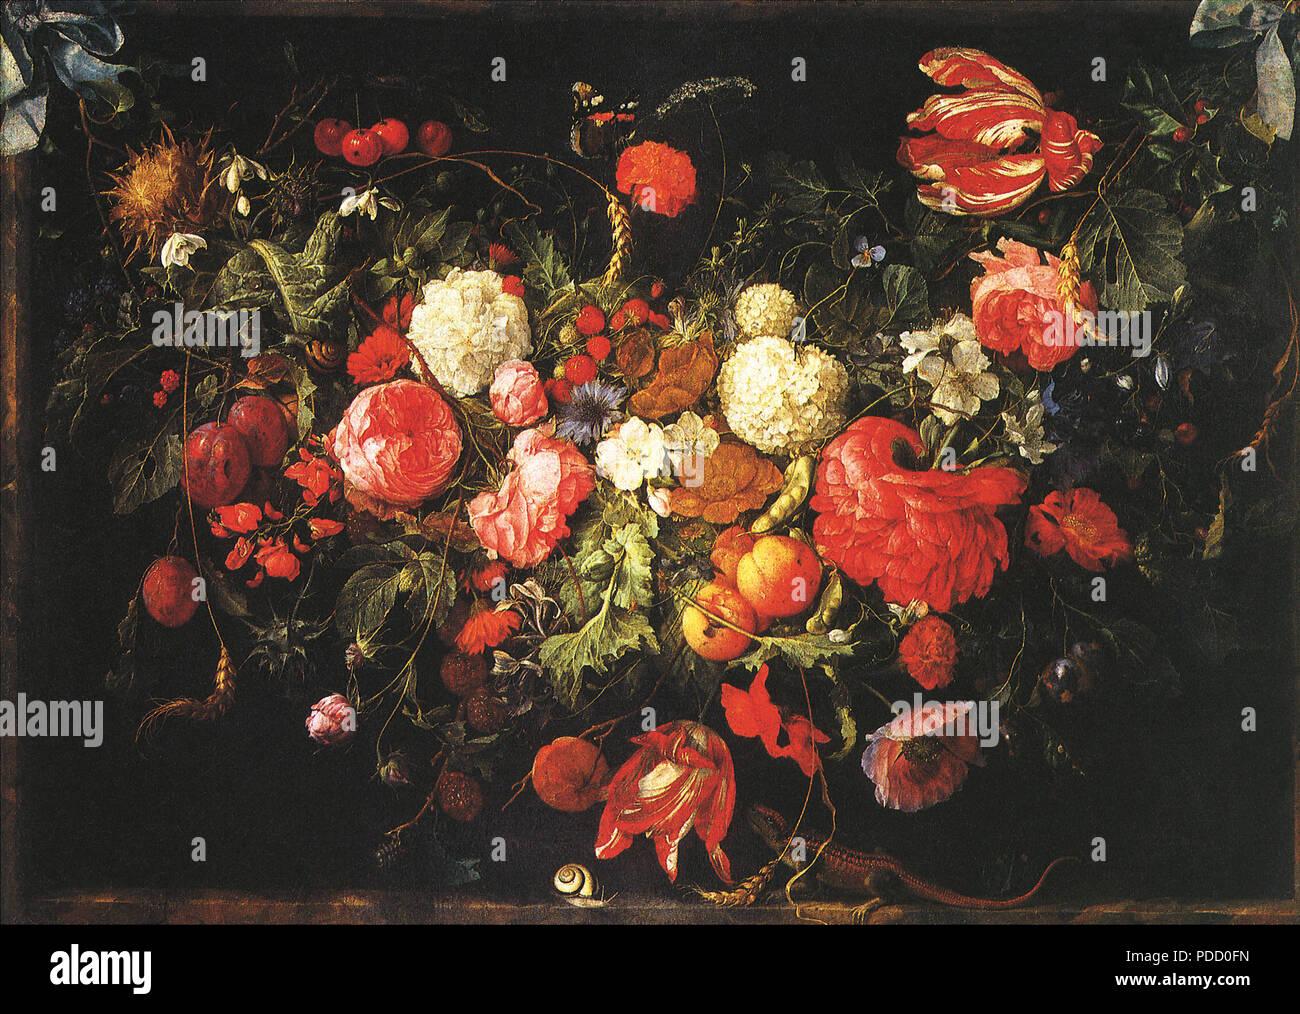 Un festone di fiori e frutta, Heem, Jan Davidsz de, . Foto Stock